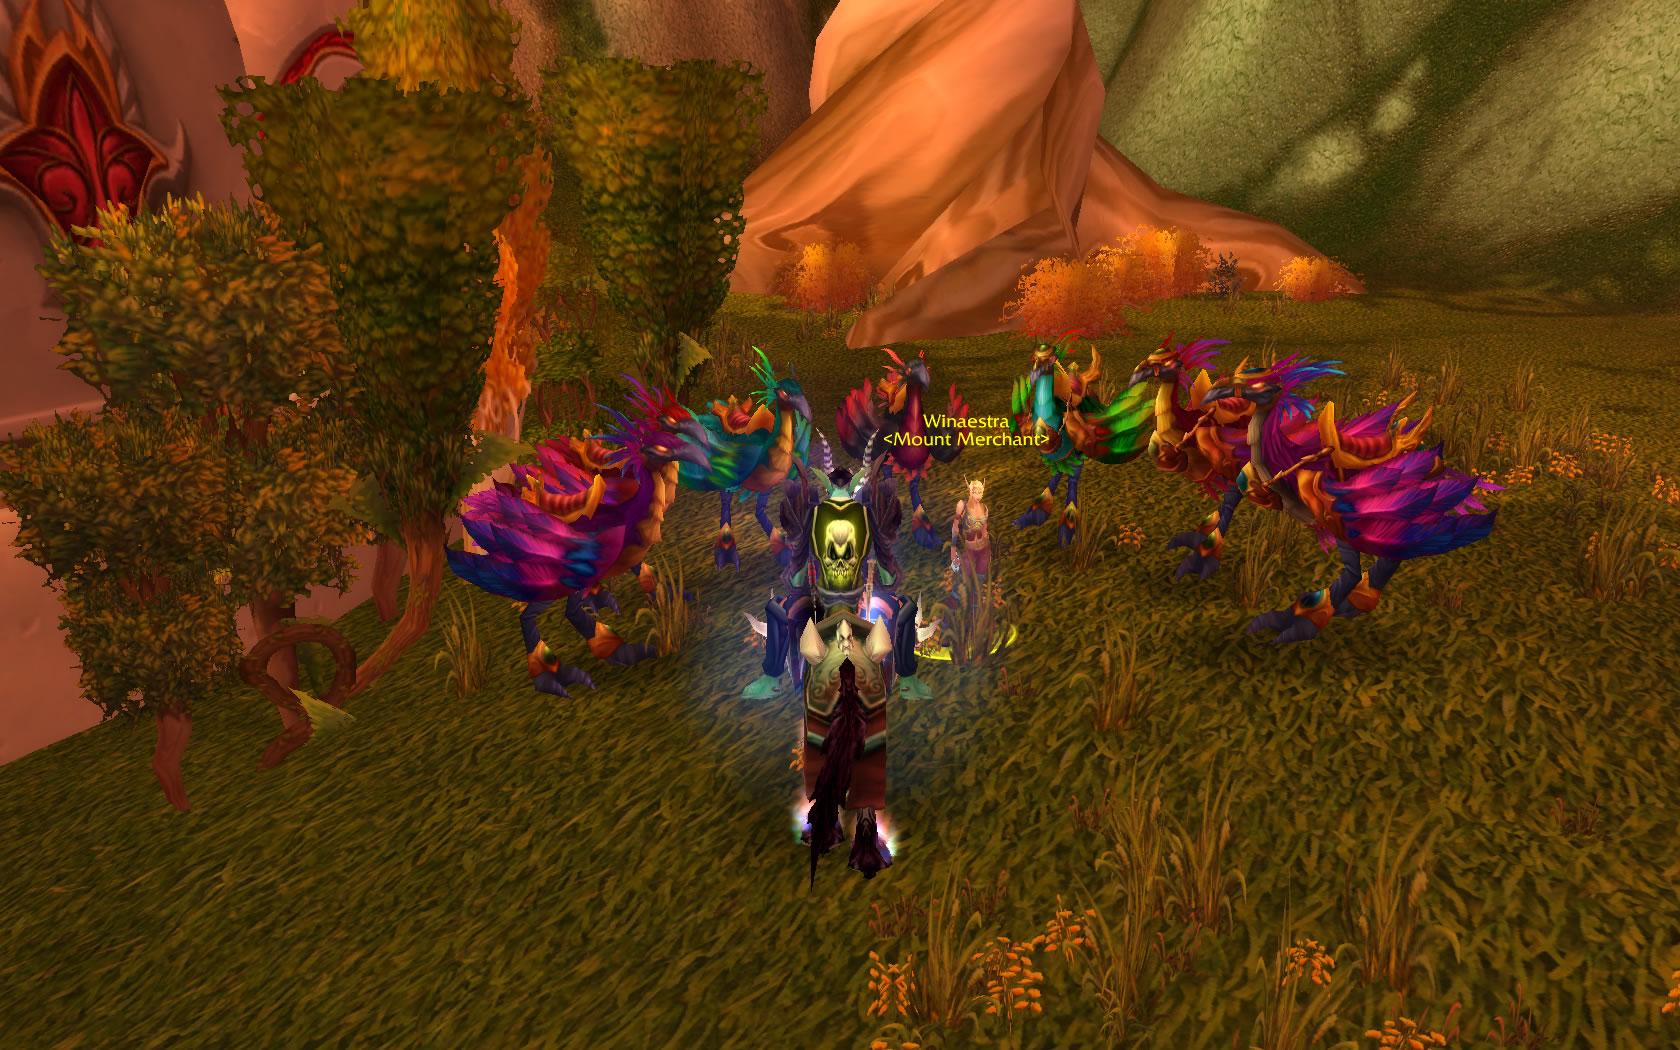 World of warcraft blood elf mount nsfw pic